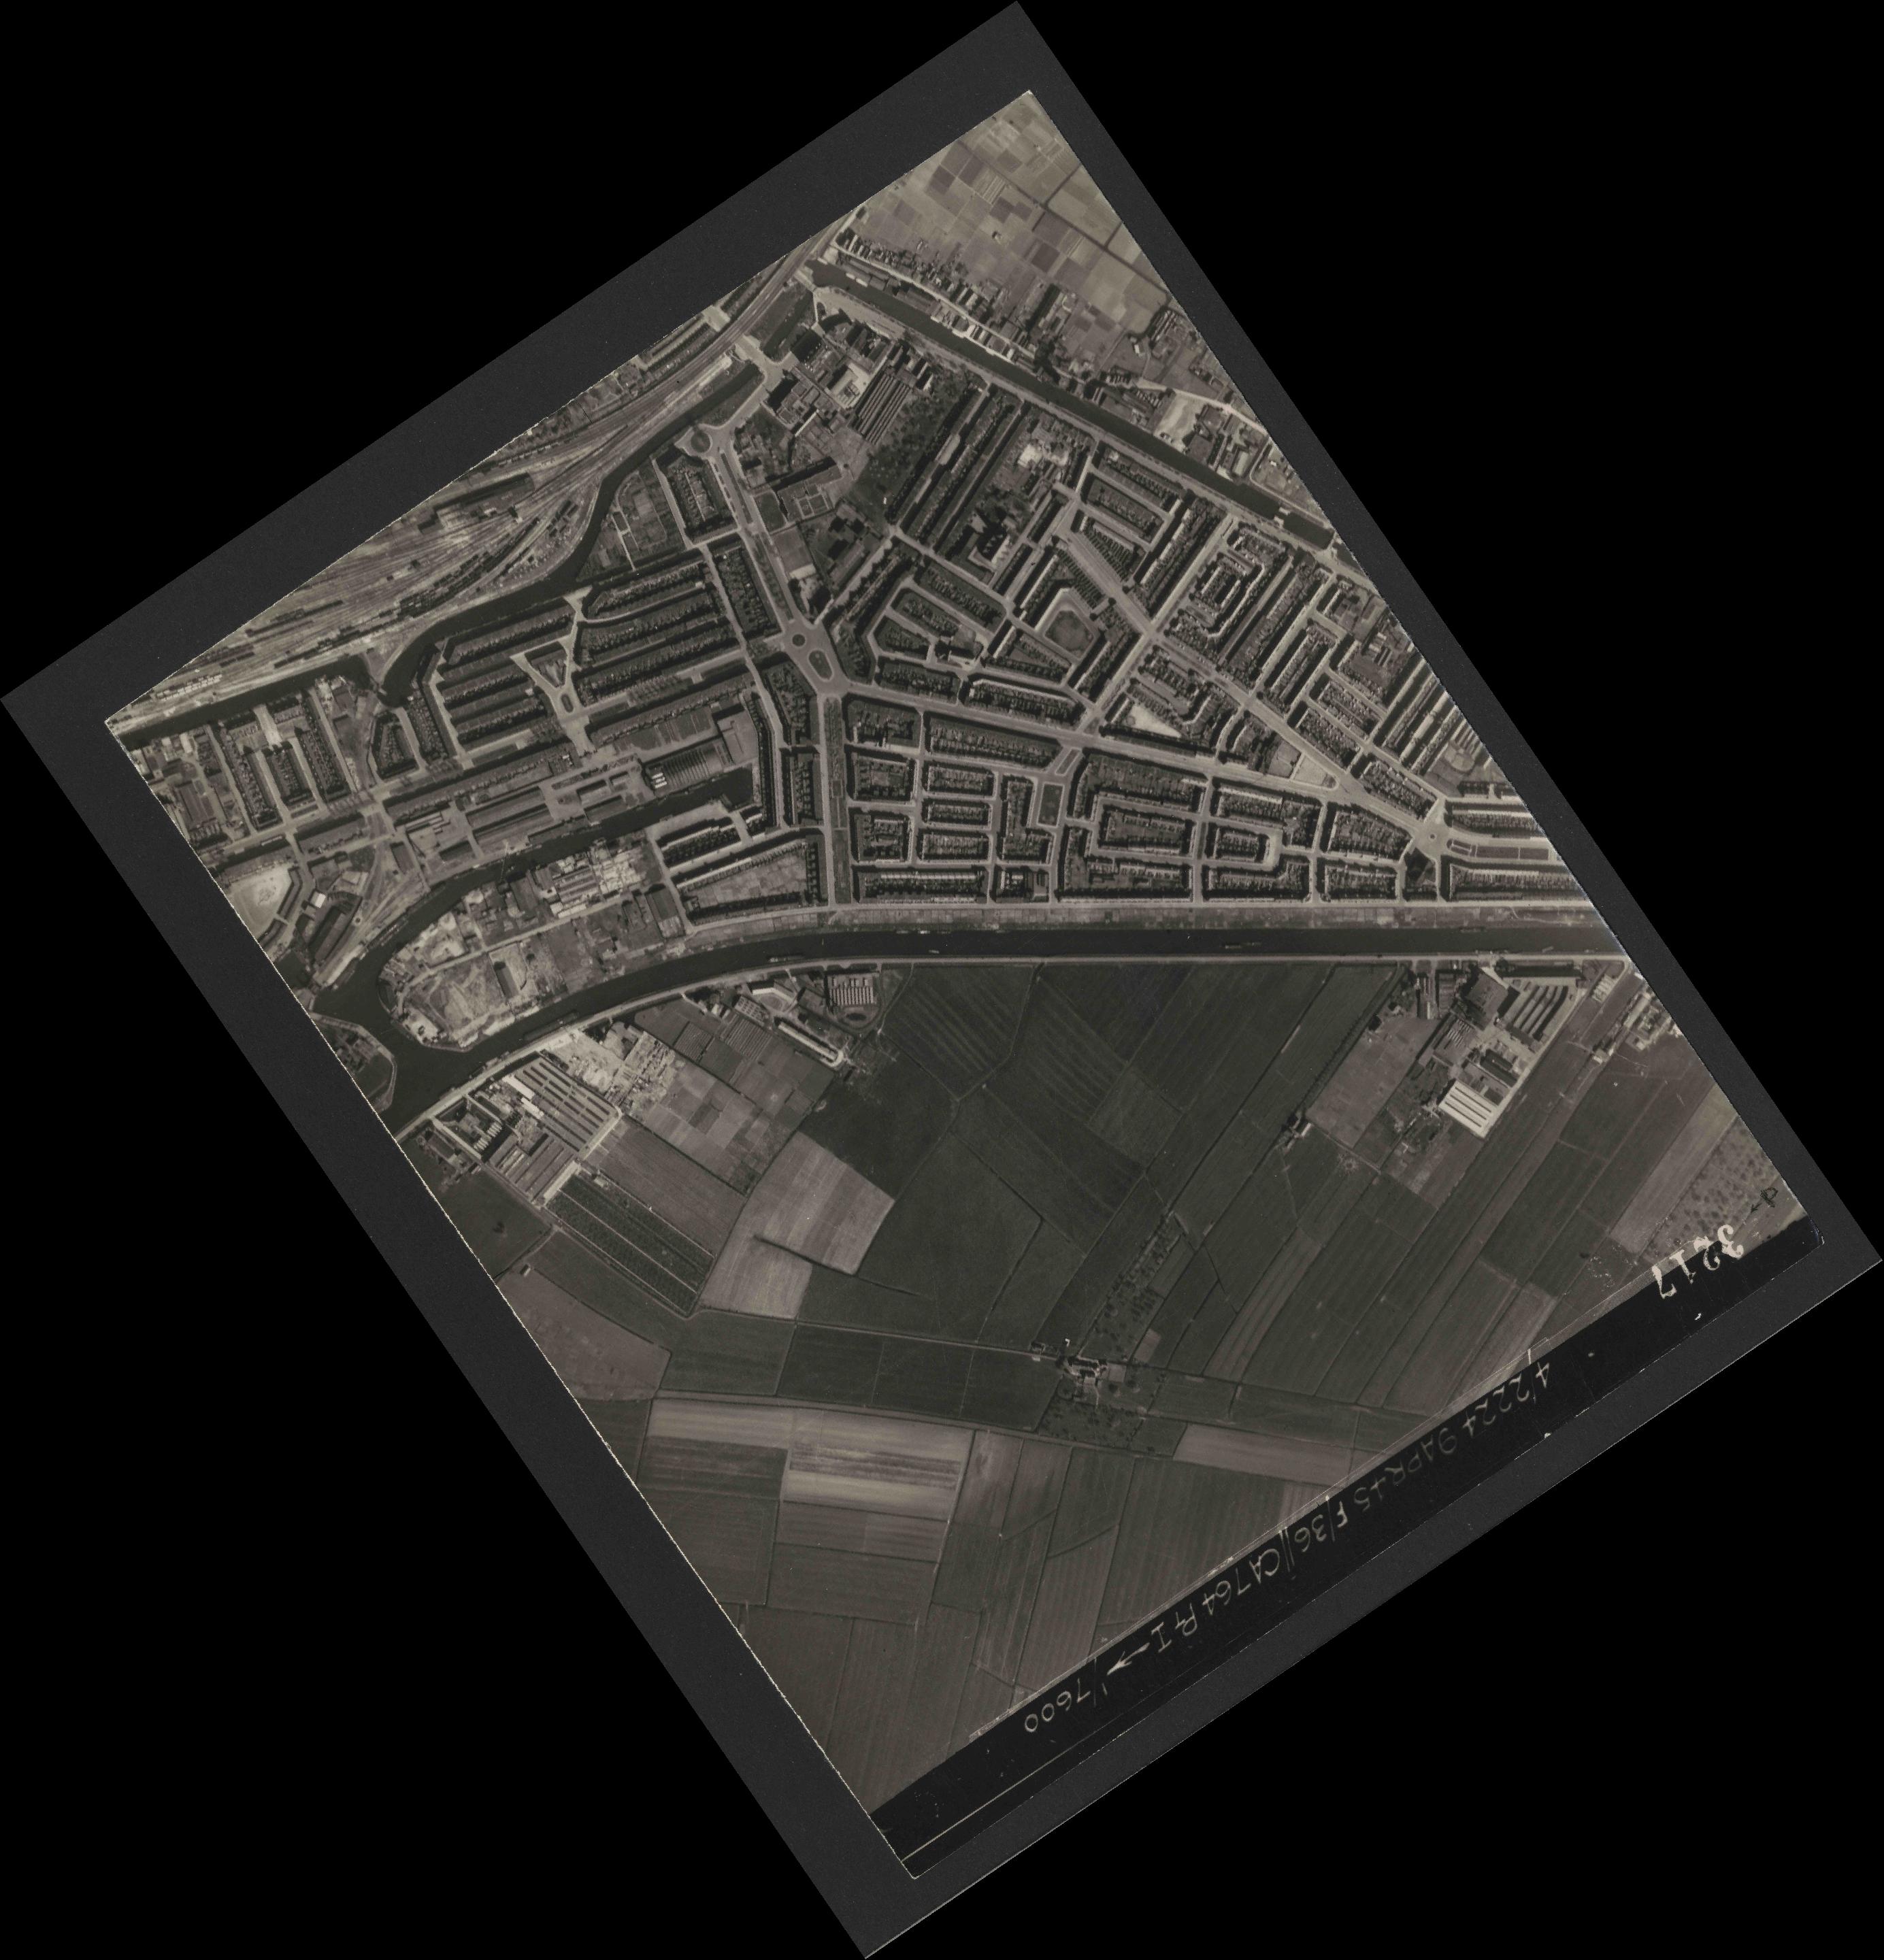 Collection RAF aerial photos 1940-1945 - flight 271, run 13, photo 3217